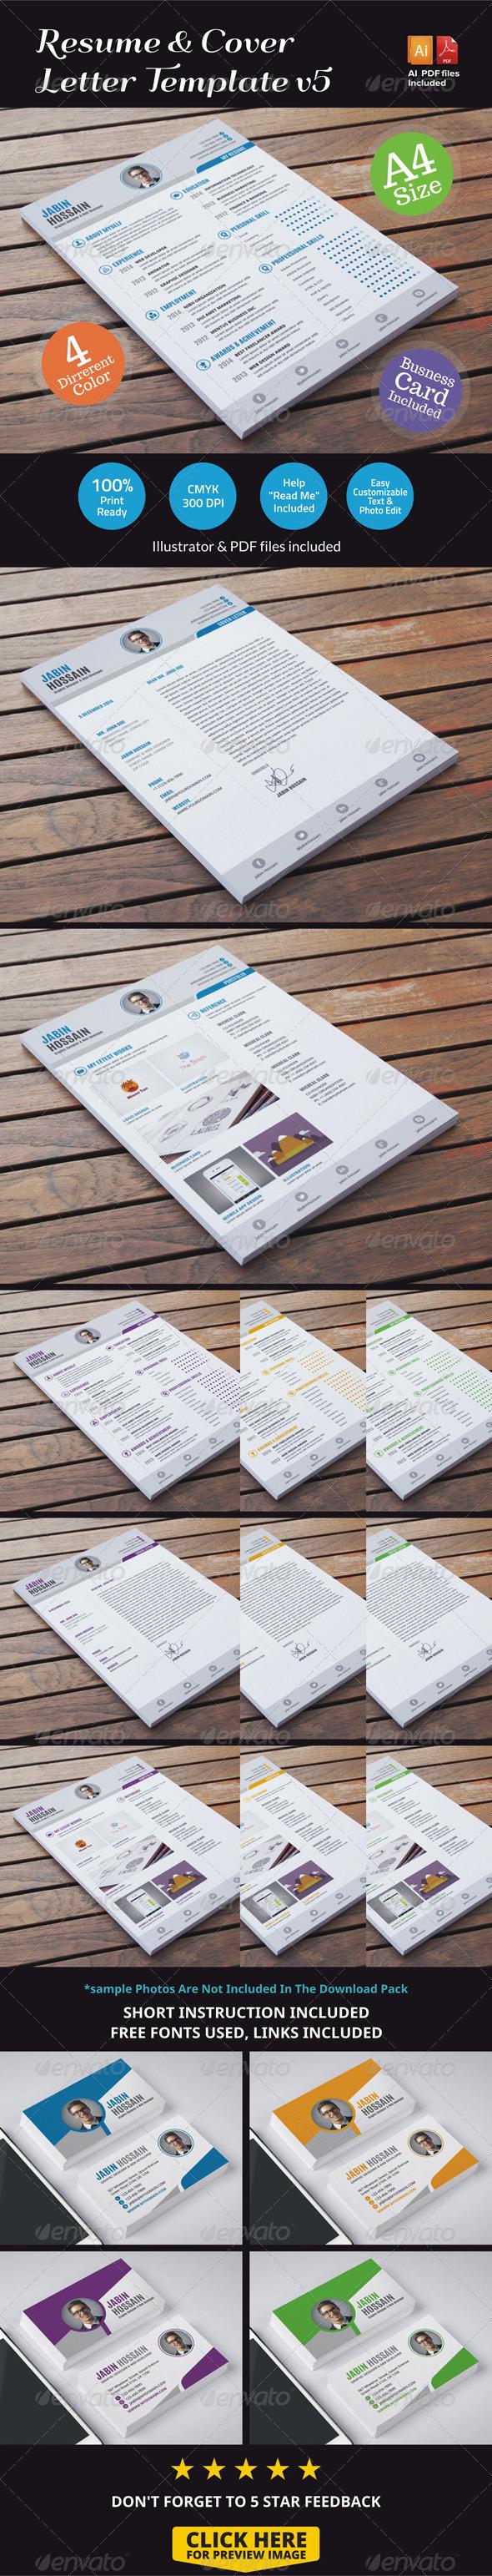 Resume & Cover Letter Template v5